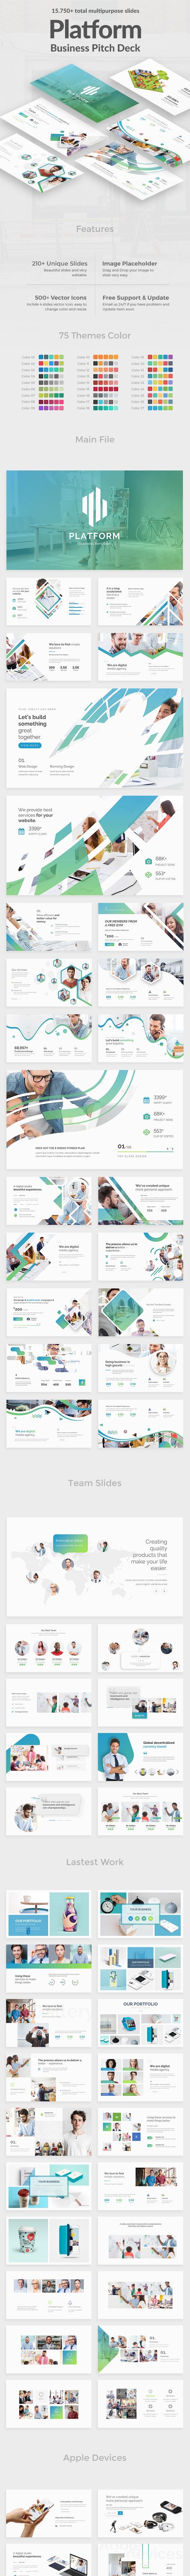 Business Platform Pitch Deck Google Slide Template - Google Slides Presentation Templates